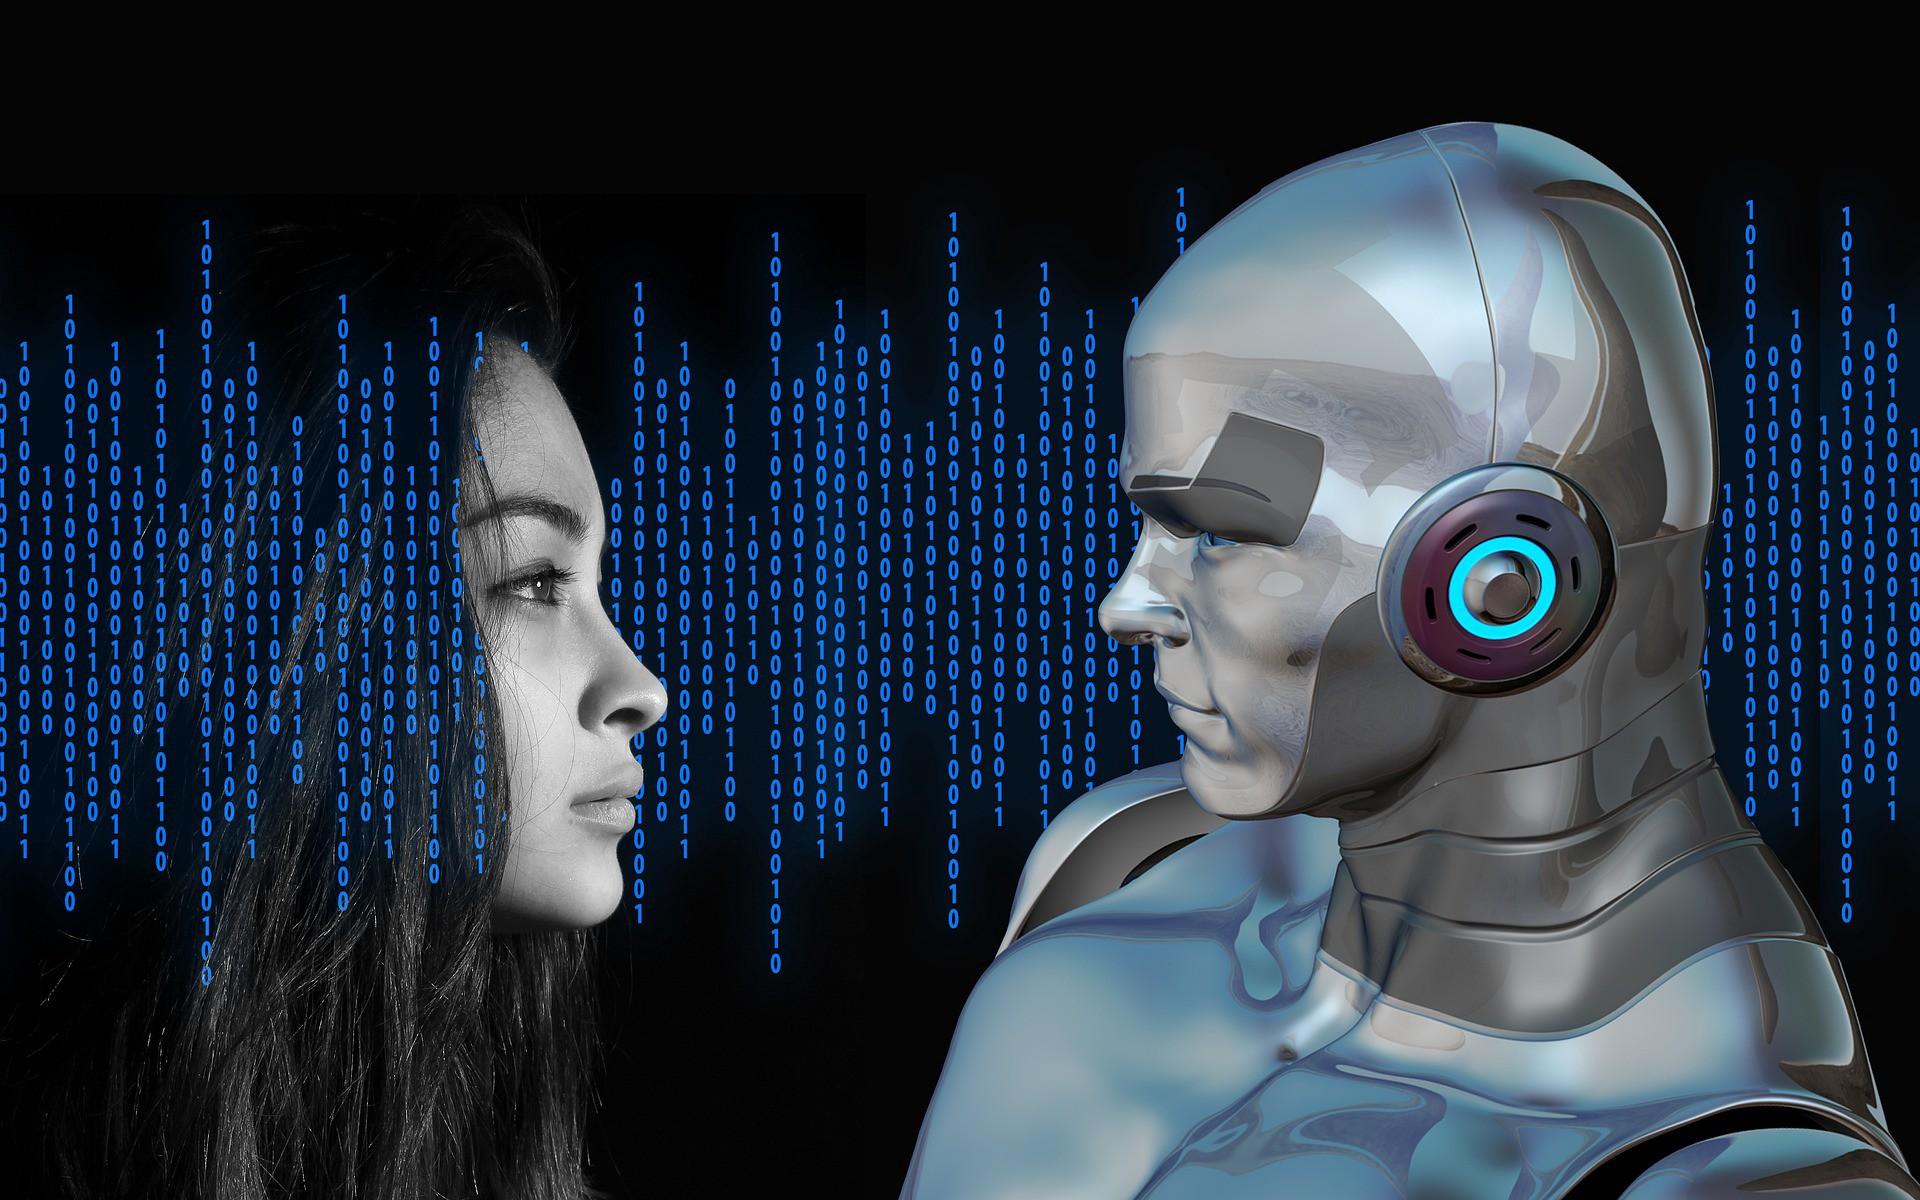 Рукотворный оракул: может ли искусственный интеллект предсказать будущее человека?